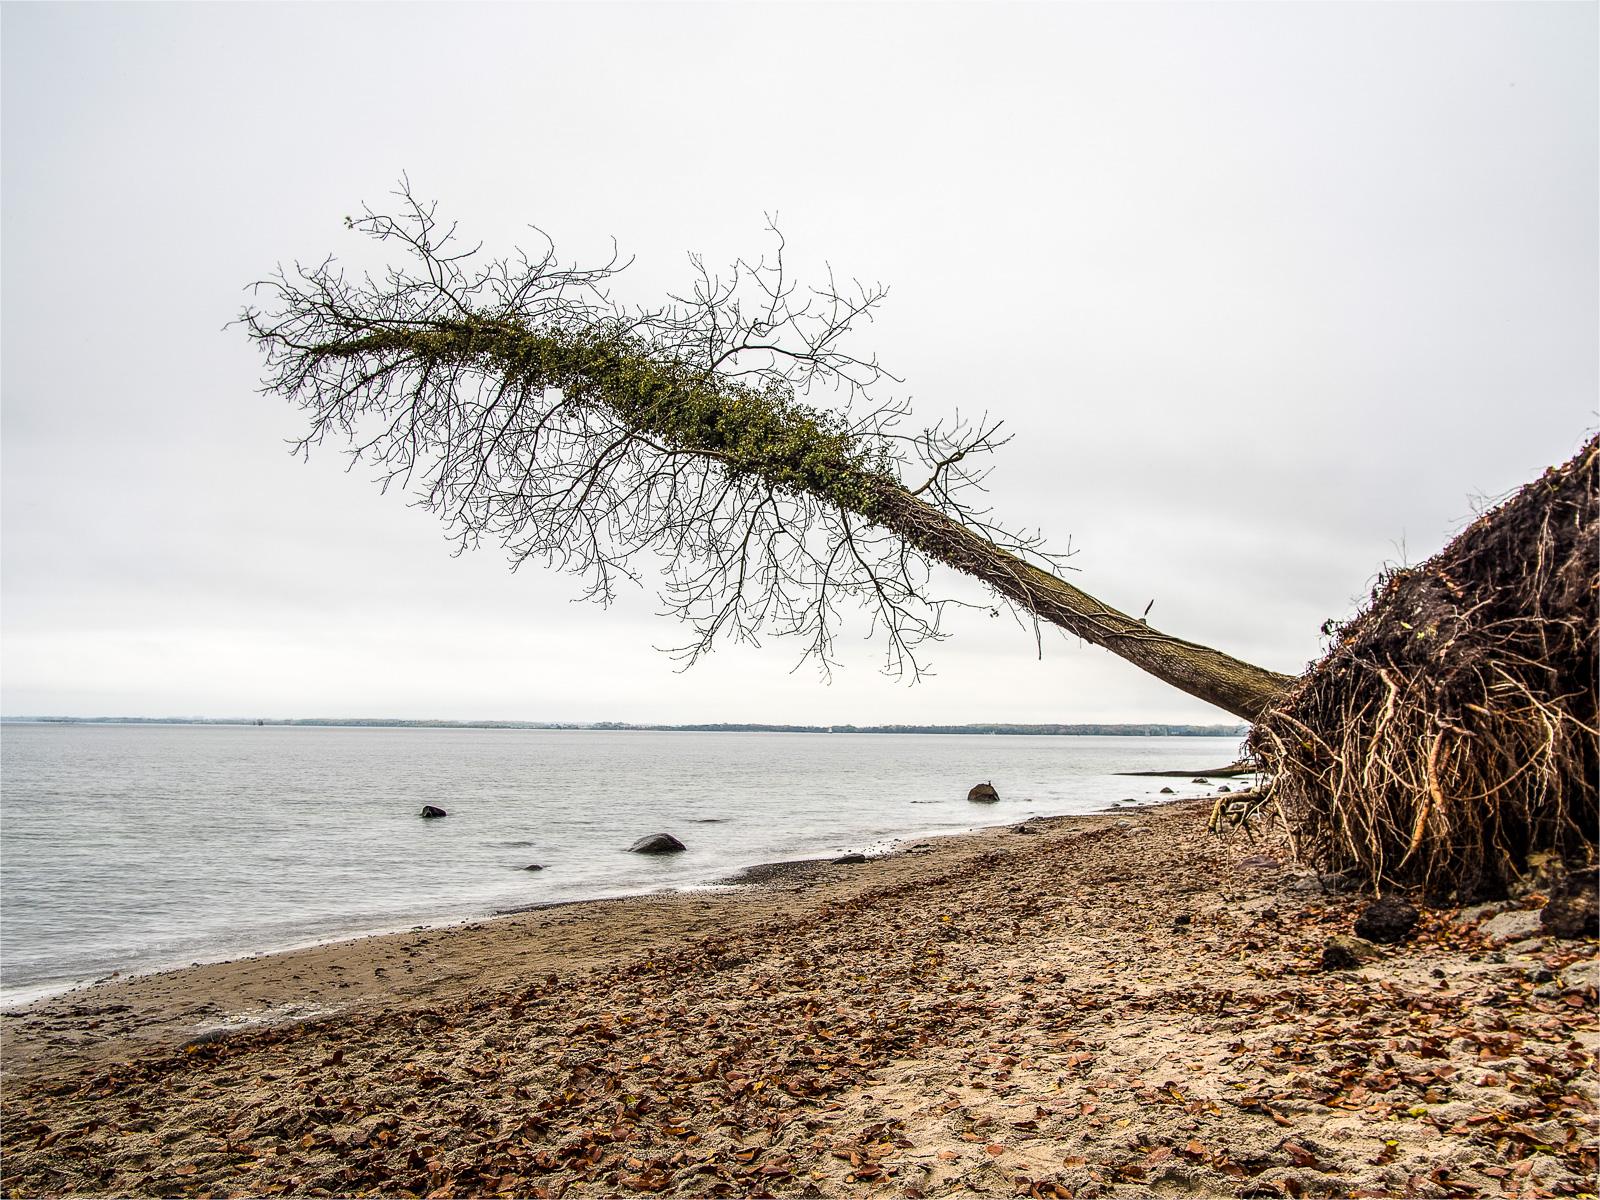 Noch nicht völlig gekippter abgerutschter Baum am Steilufer